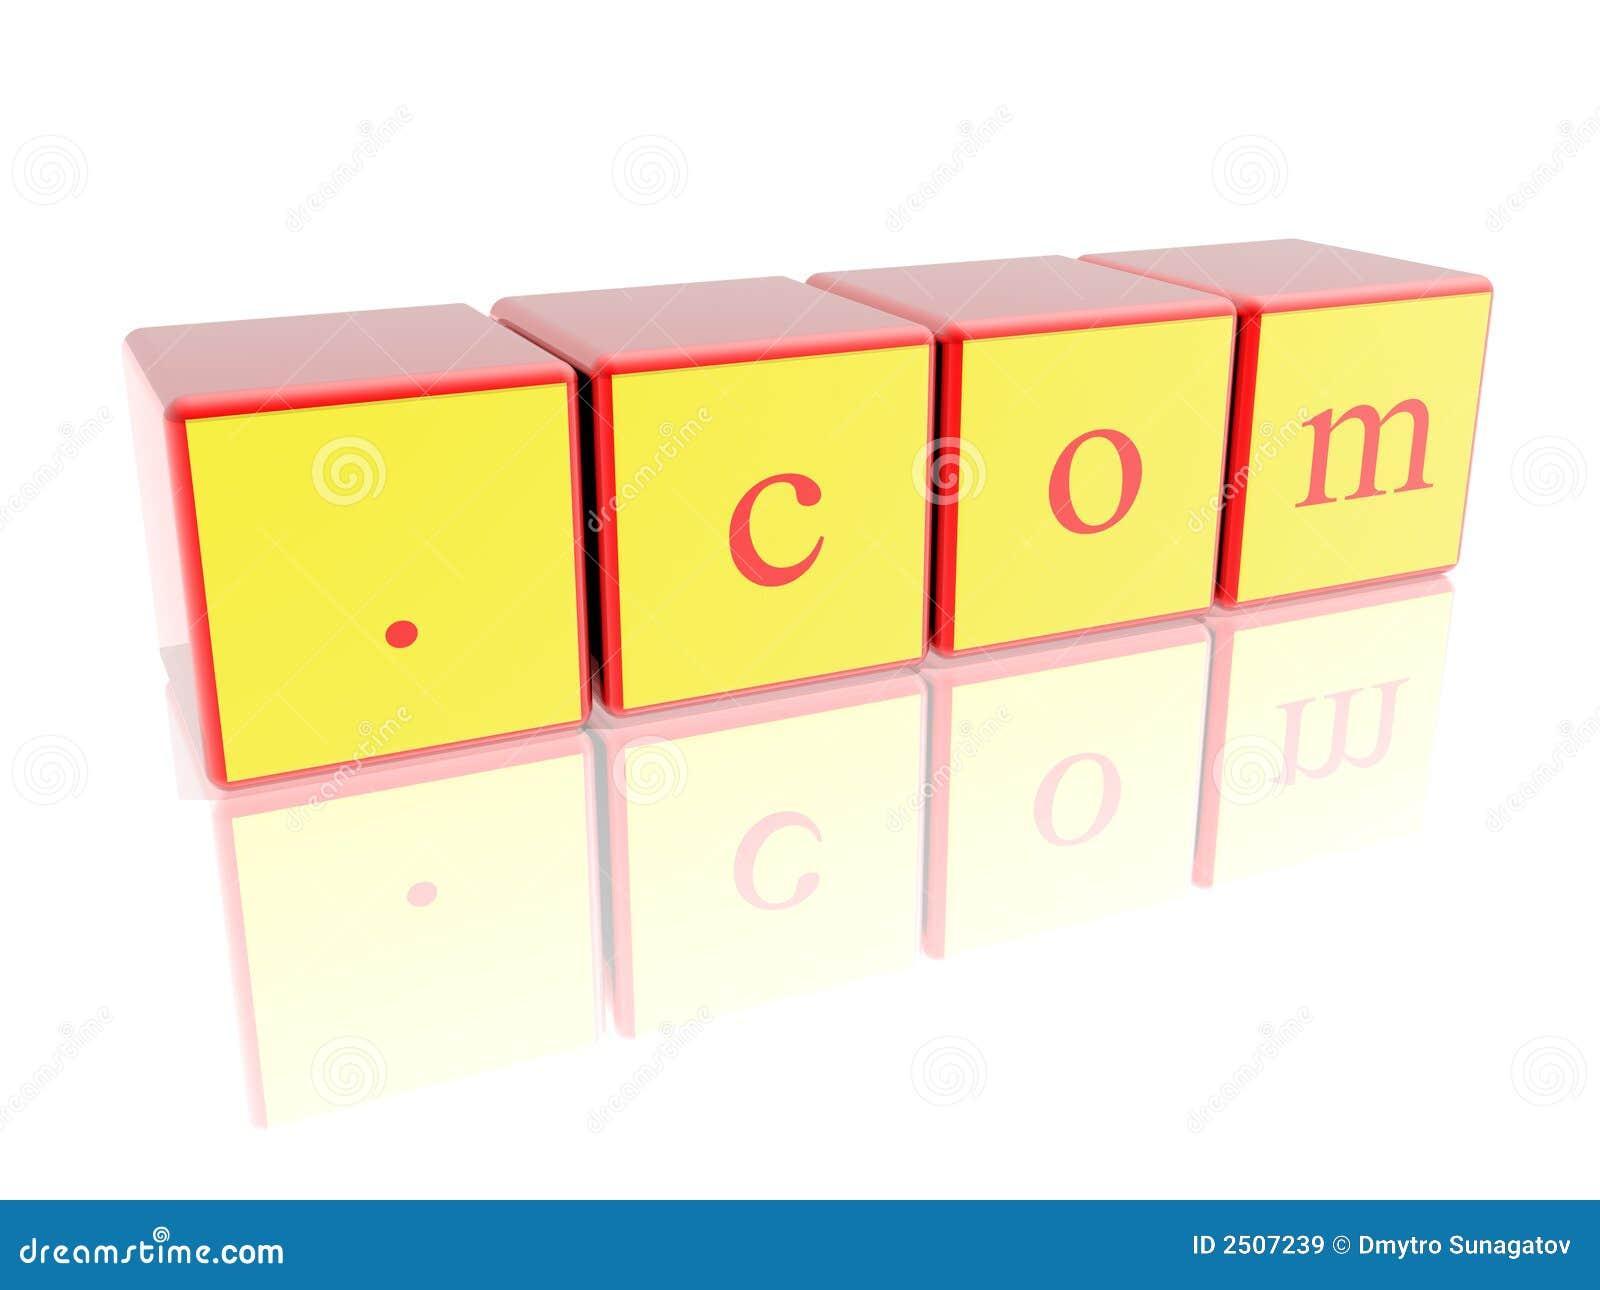 Sign .com